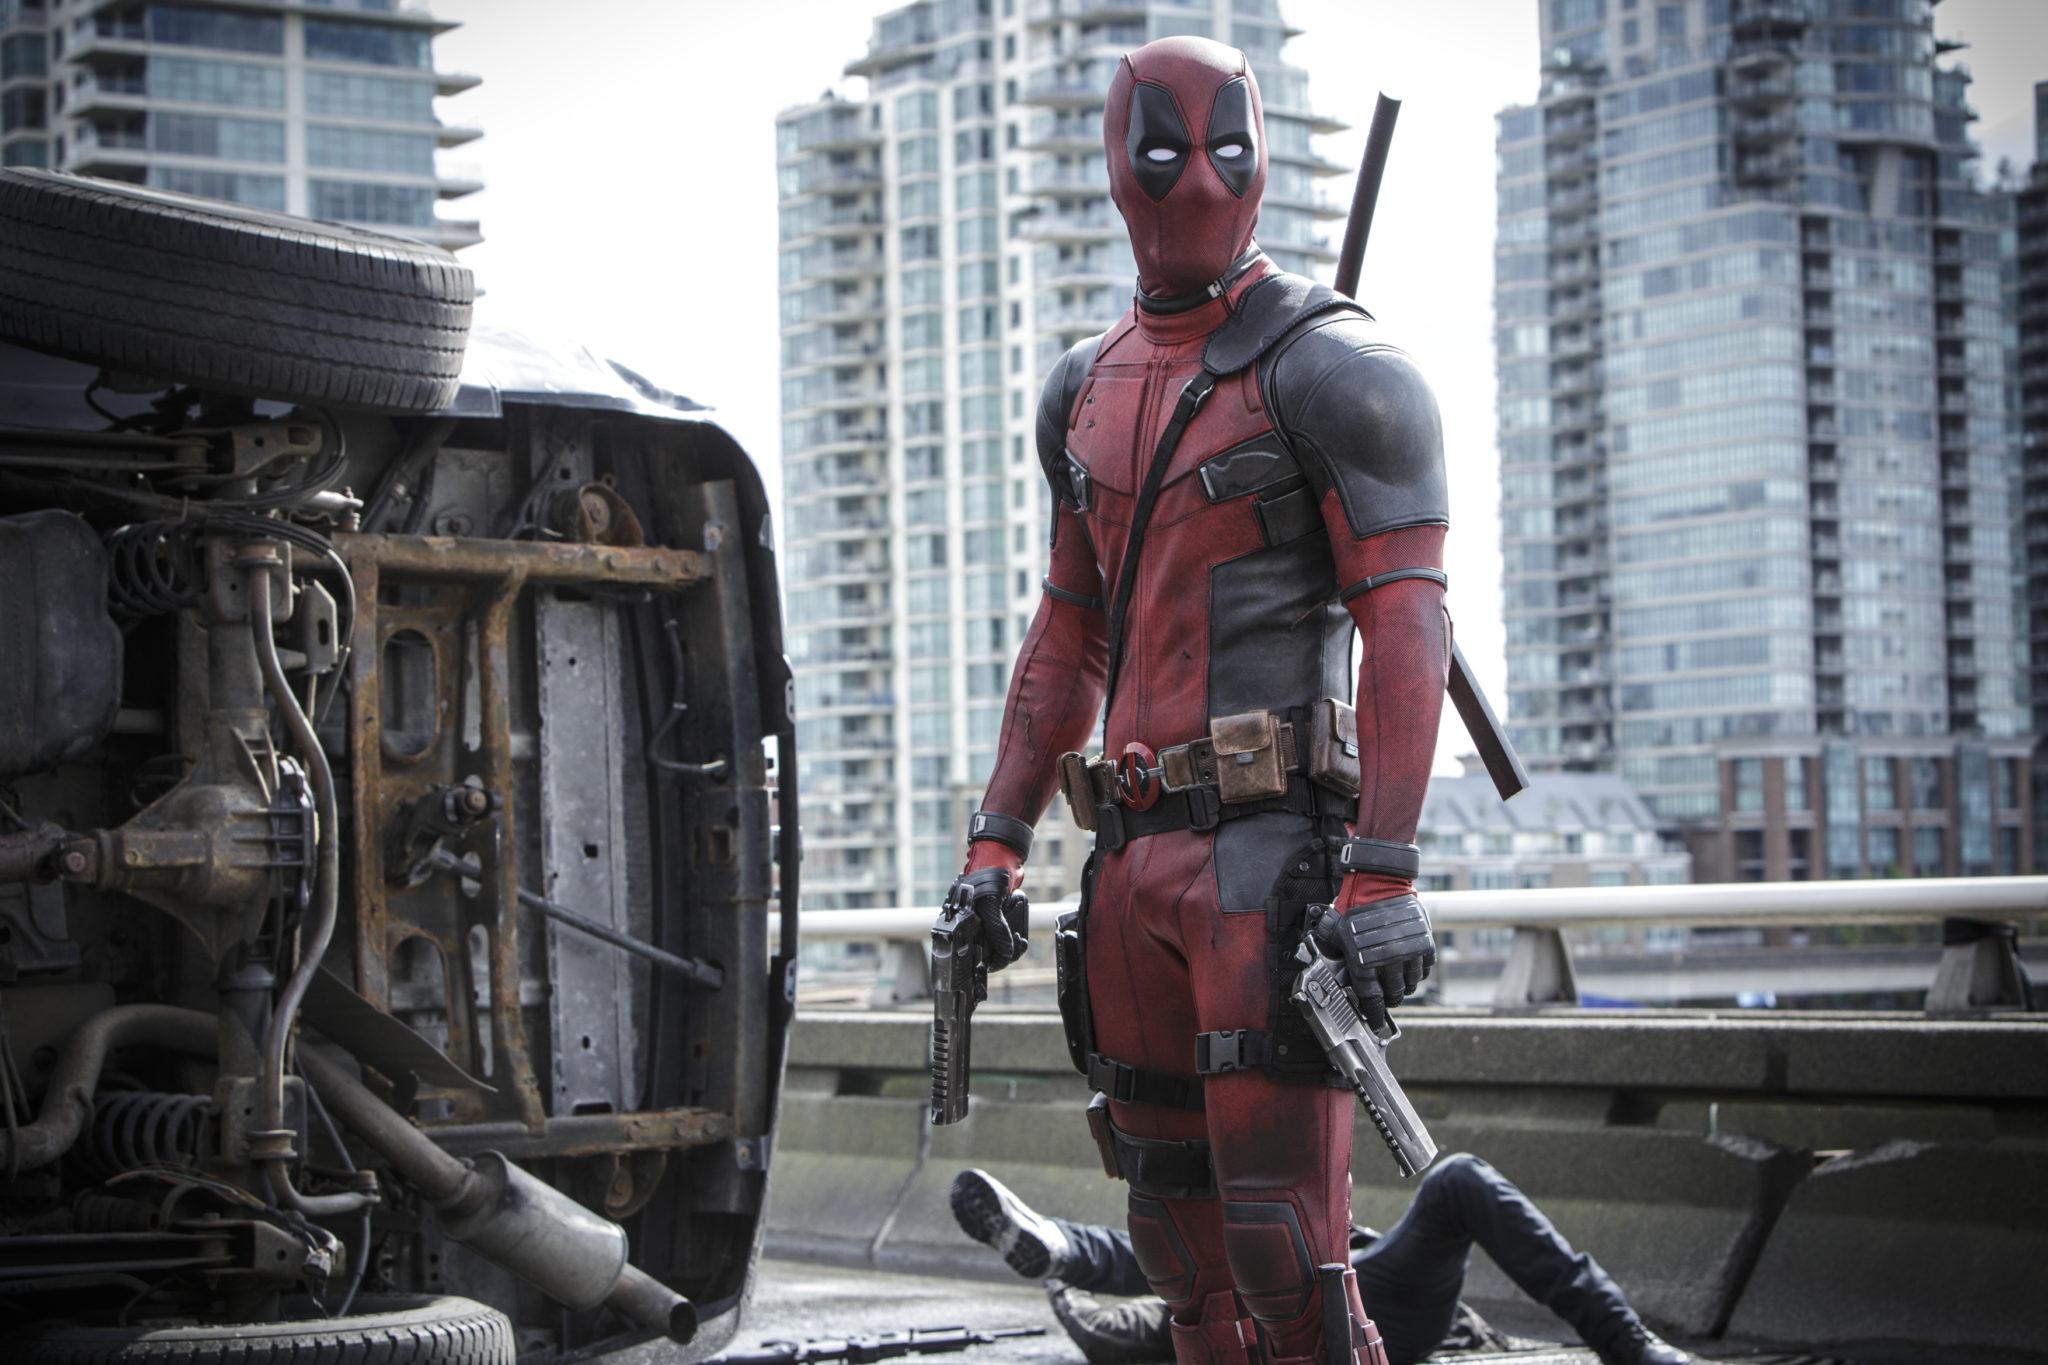 Es gibt keinen Grund, warum vor Deadpools Augen weißer Stoff ist. Außer vielleicht faule Comiczeichner, okay. (Foto: 20th Century Fox)